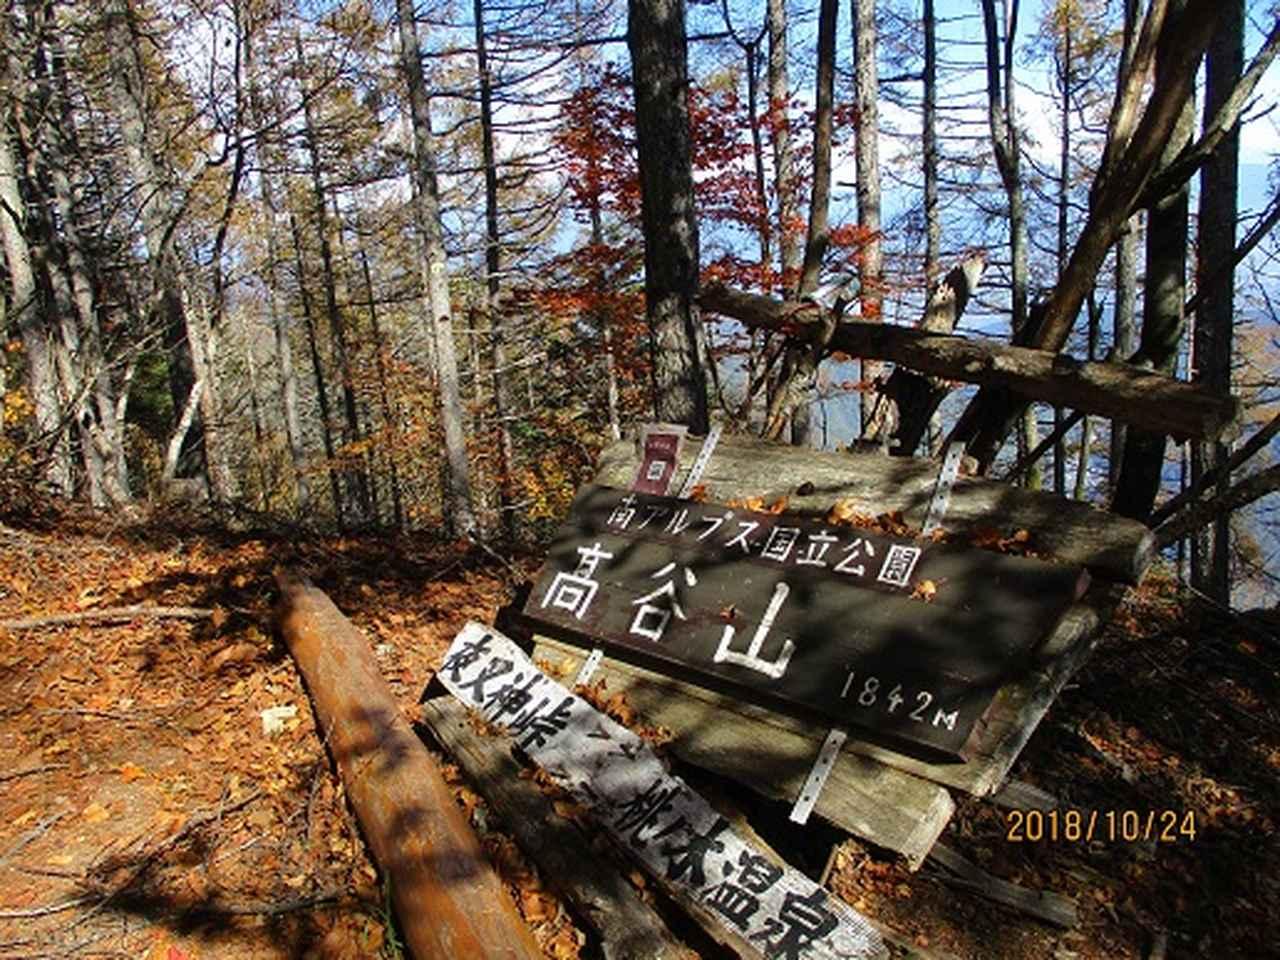 画像7: 【山旅会・登山ガイドこだわりツアー】岡田ガイドからの便り・夜叉神峠から高谷山ツアーにいってまいりました!